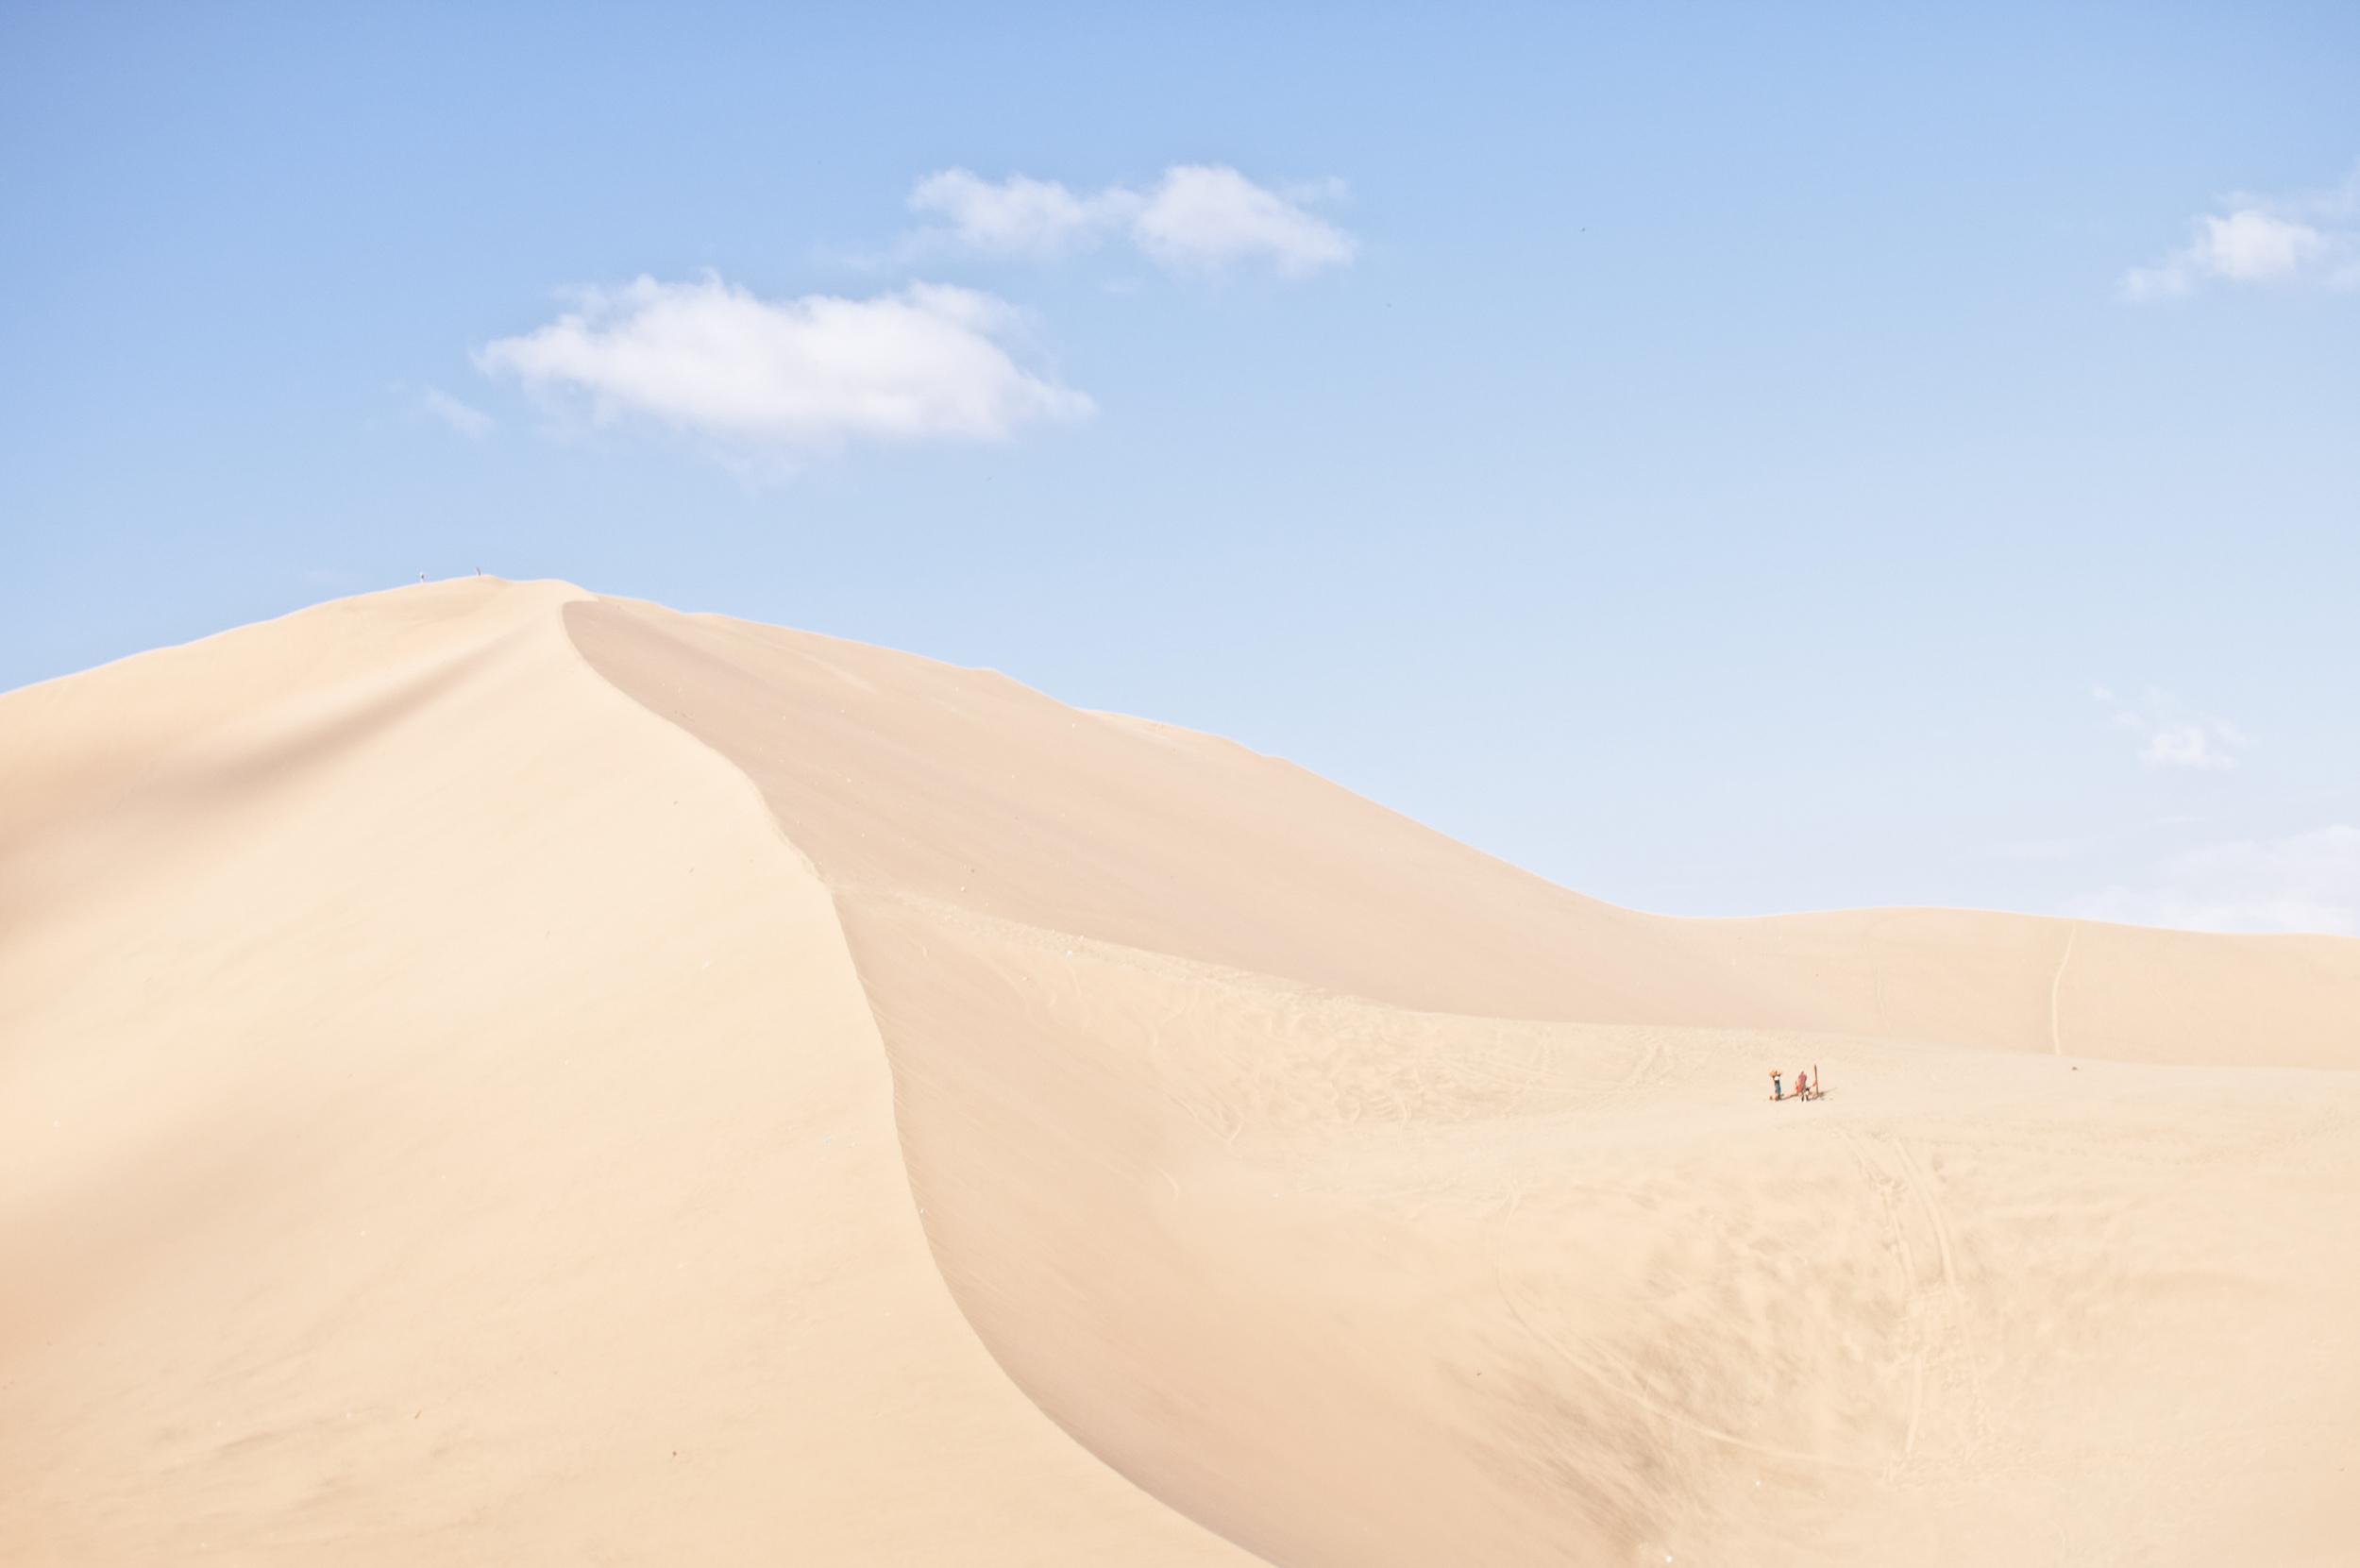 Un poco de adrenalina, por favor   Mucho que hacer en la laguna de Huacachina, el oasis más conocido de Perú.   IR